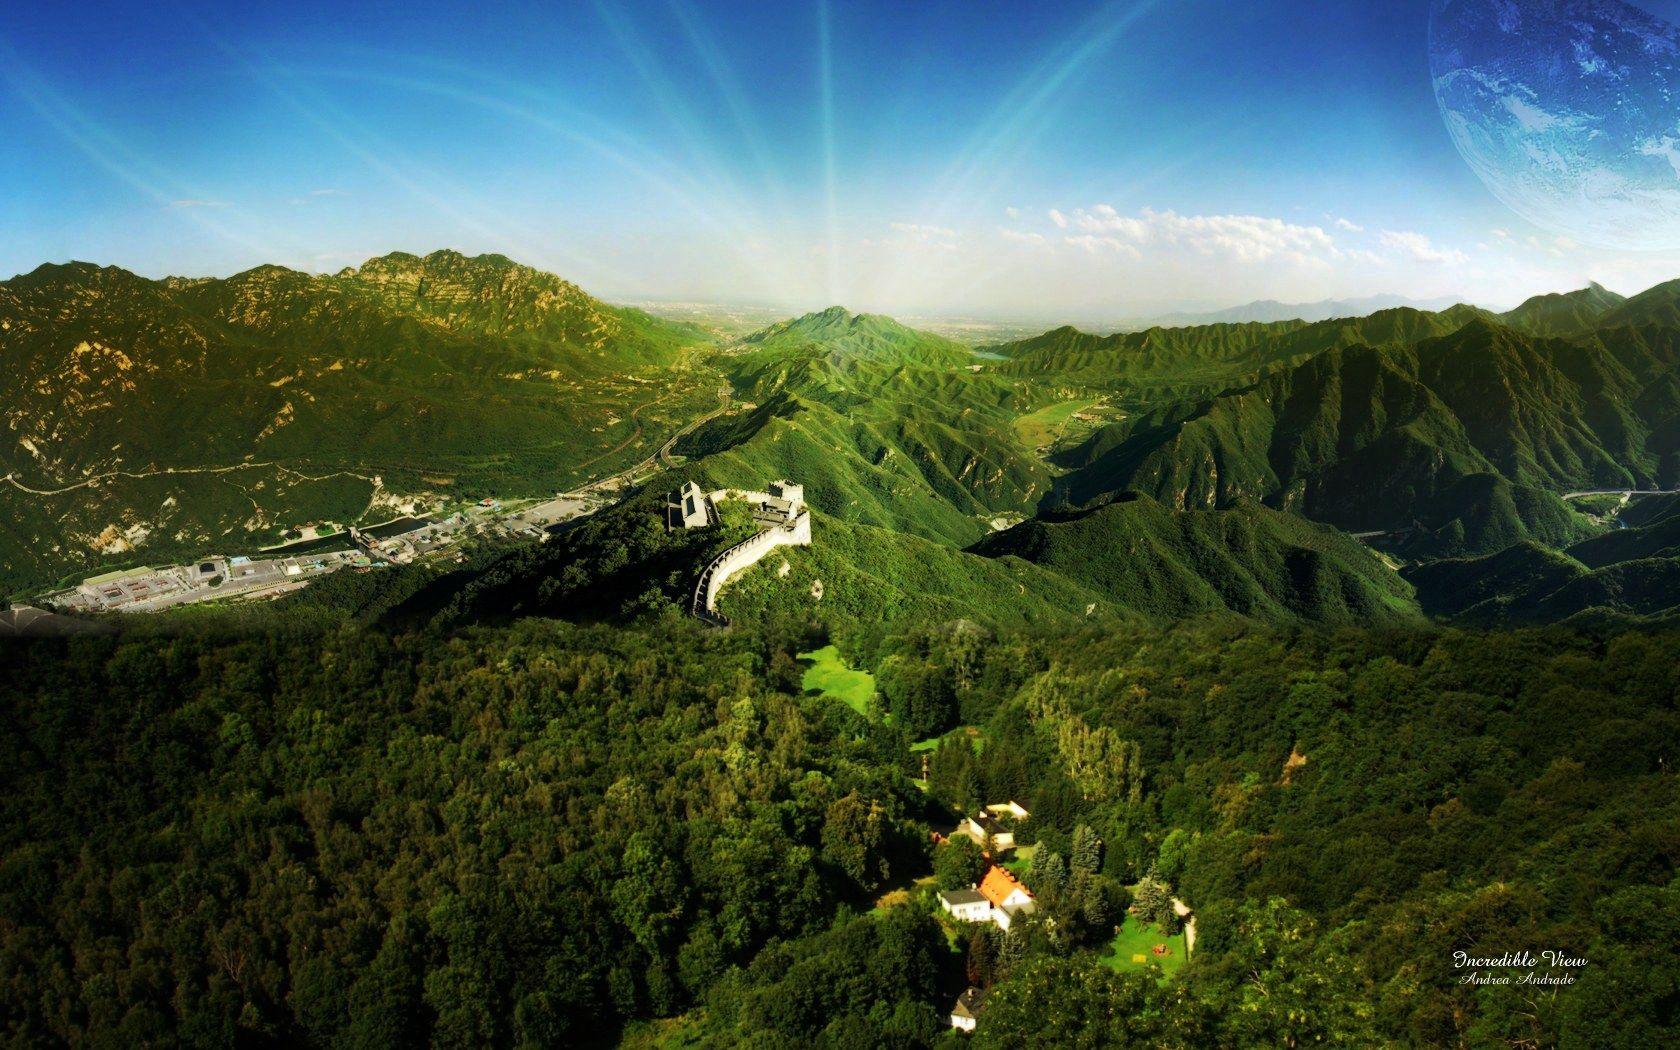 60638 fond d'écran 1080x2340 sur votre téléphone gratuitement, téléchargez des images La Grande Muraille De Chine, Nature, Arbres, Montagnes, Sun, Poutres, Rayons 1080x2340 sur votre mobile